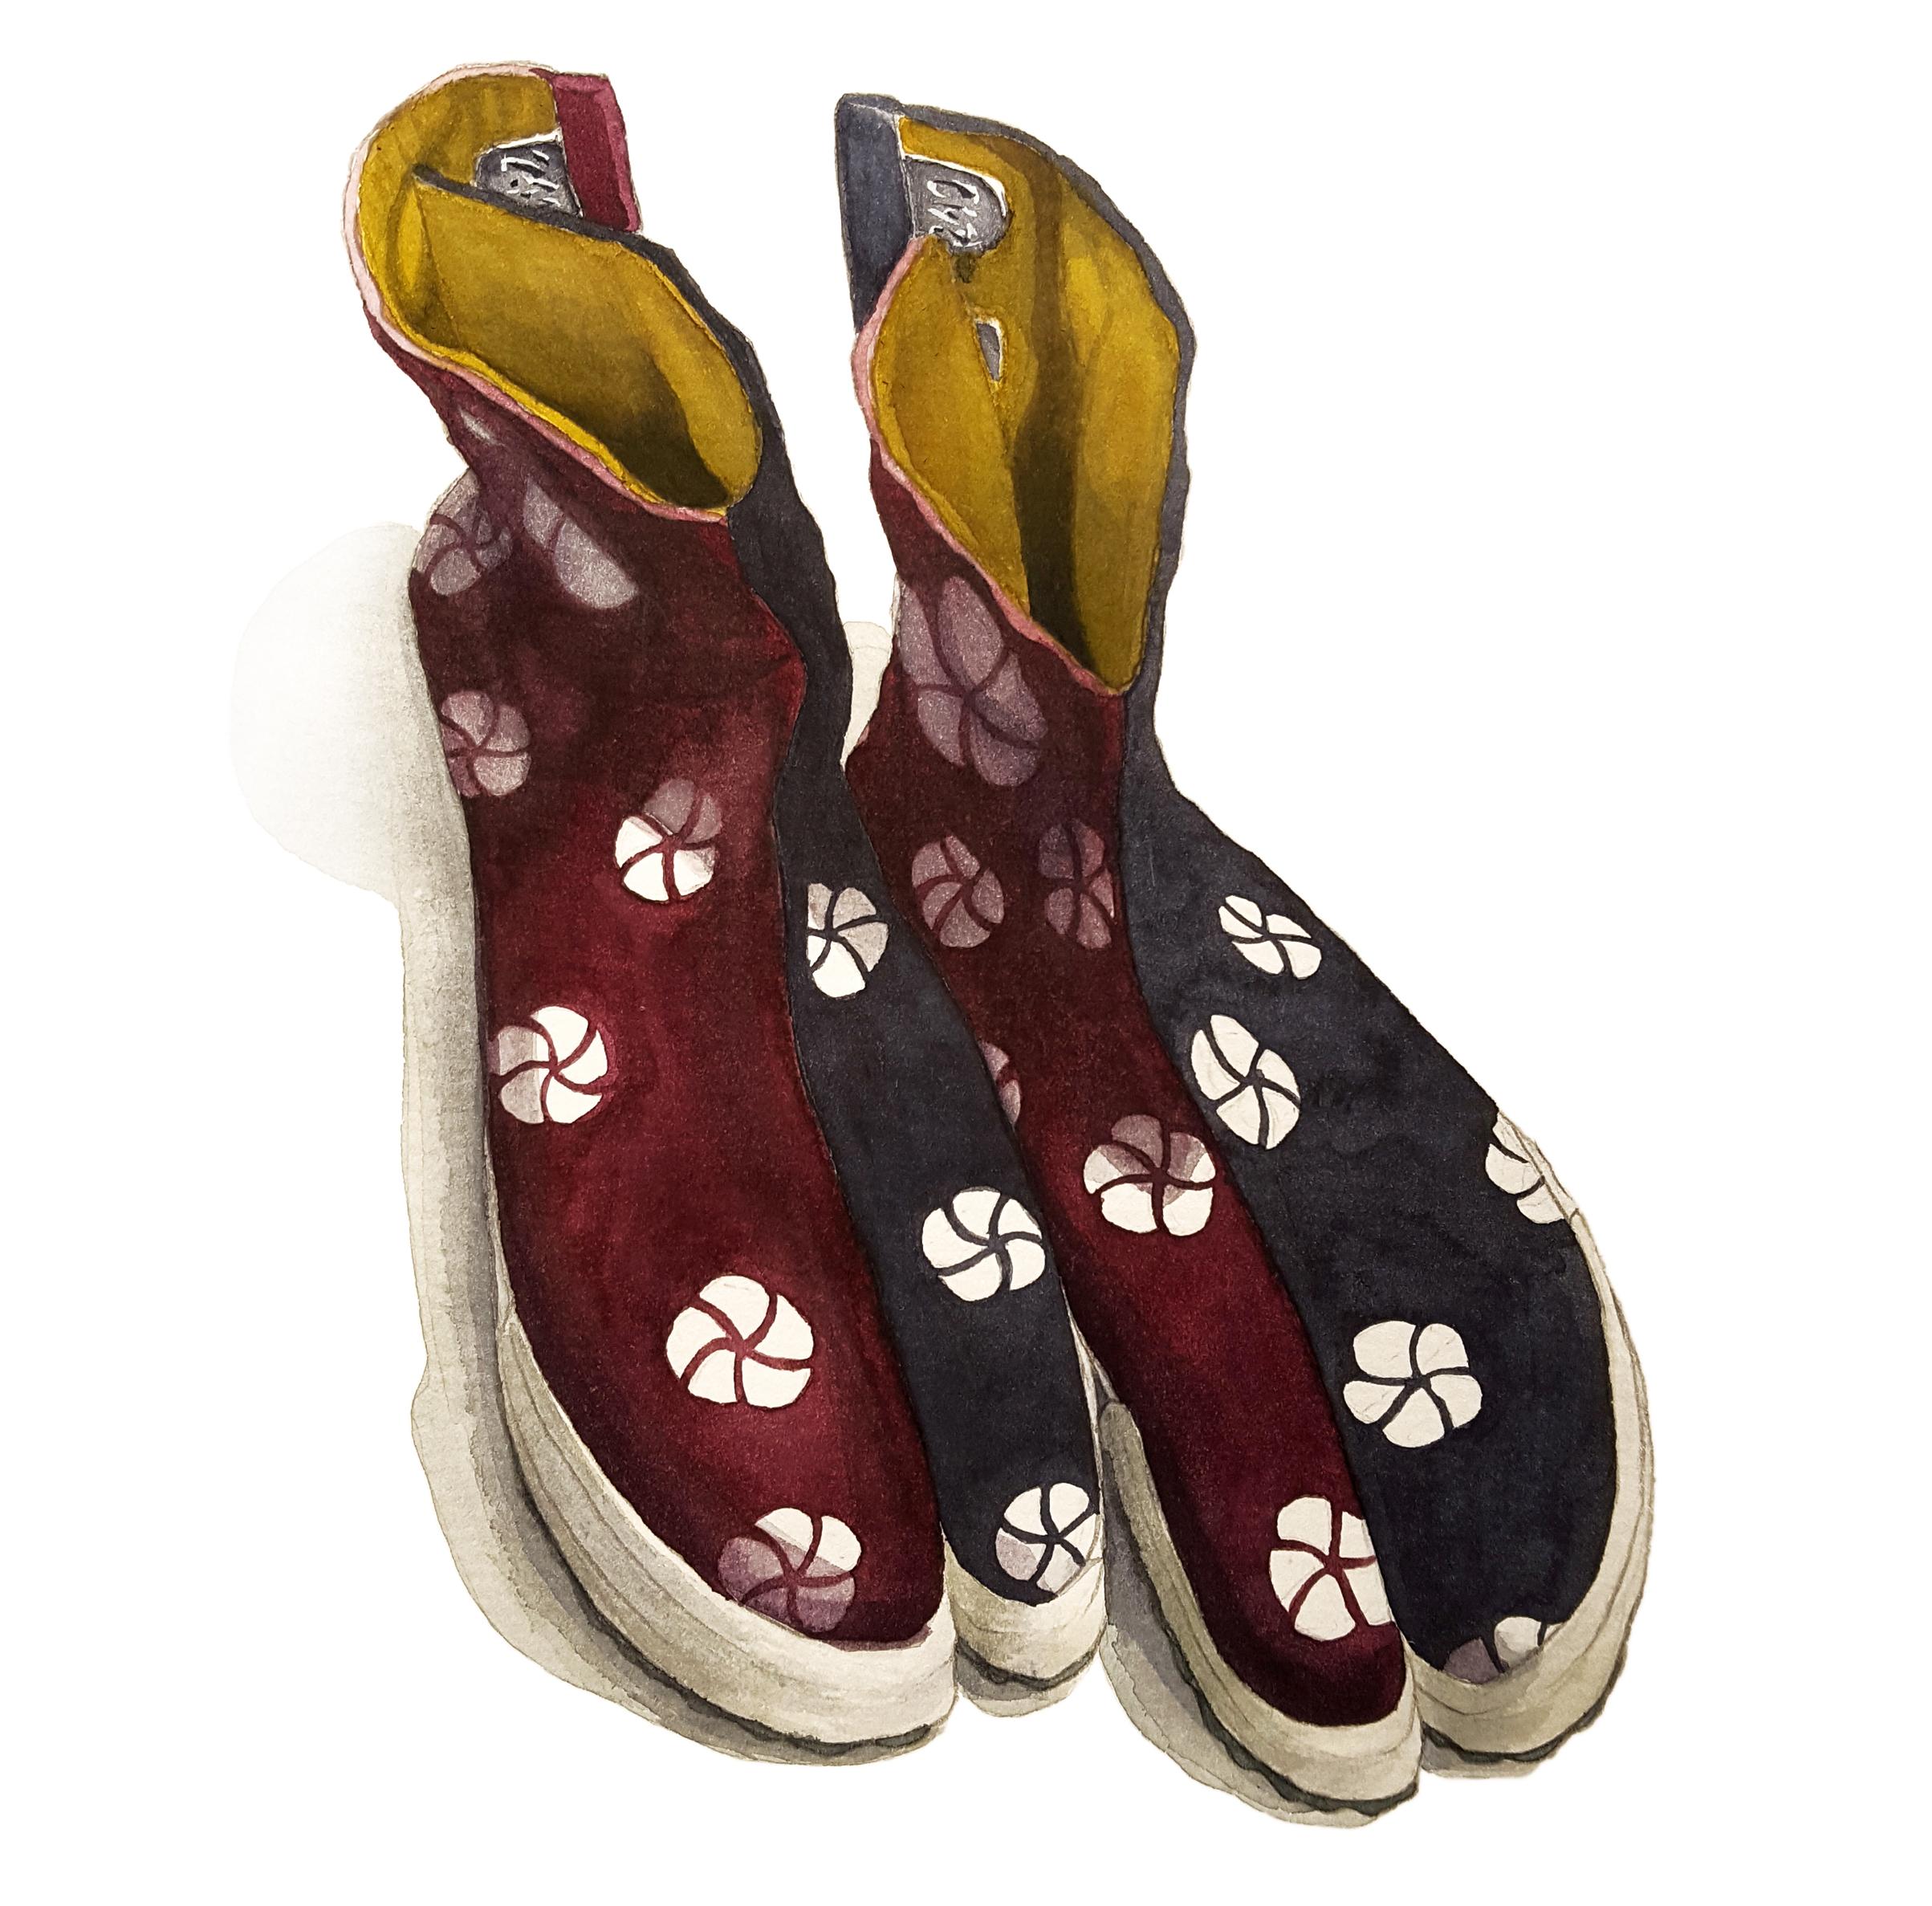 Jika-tabi boots